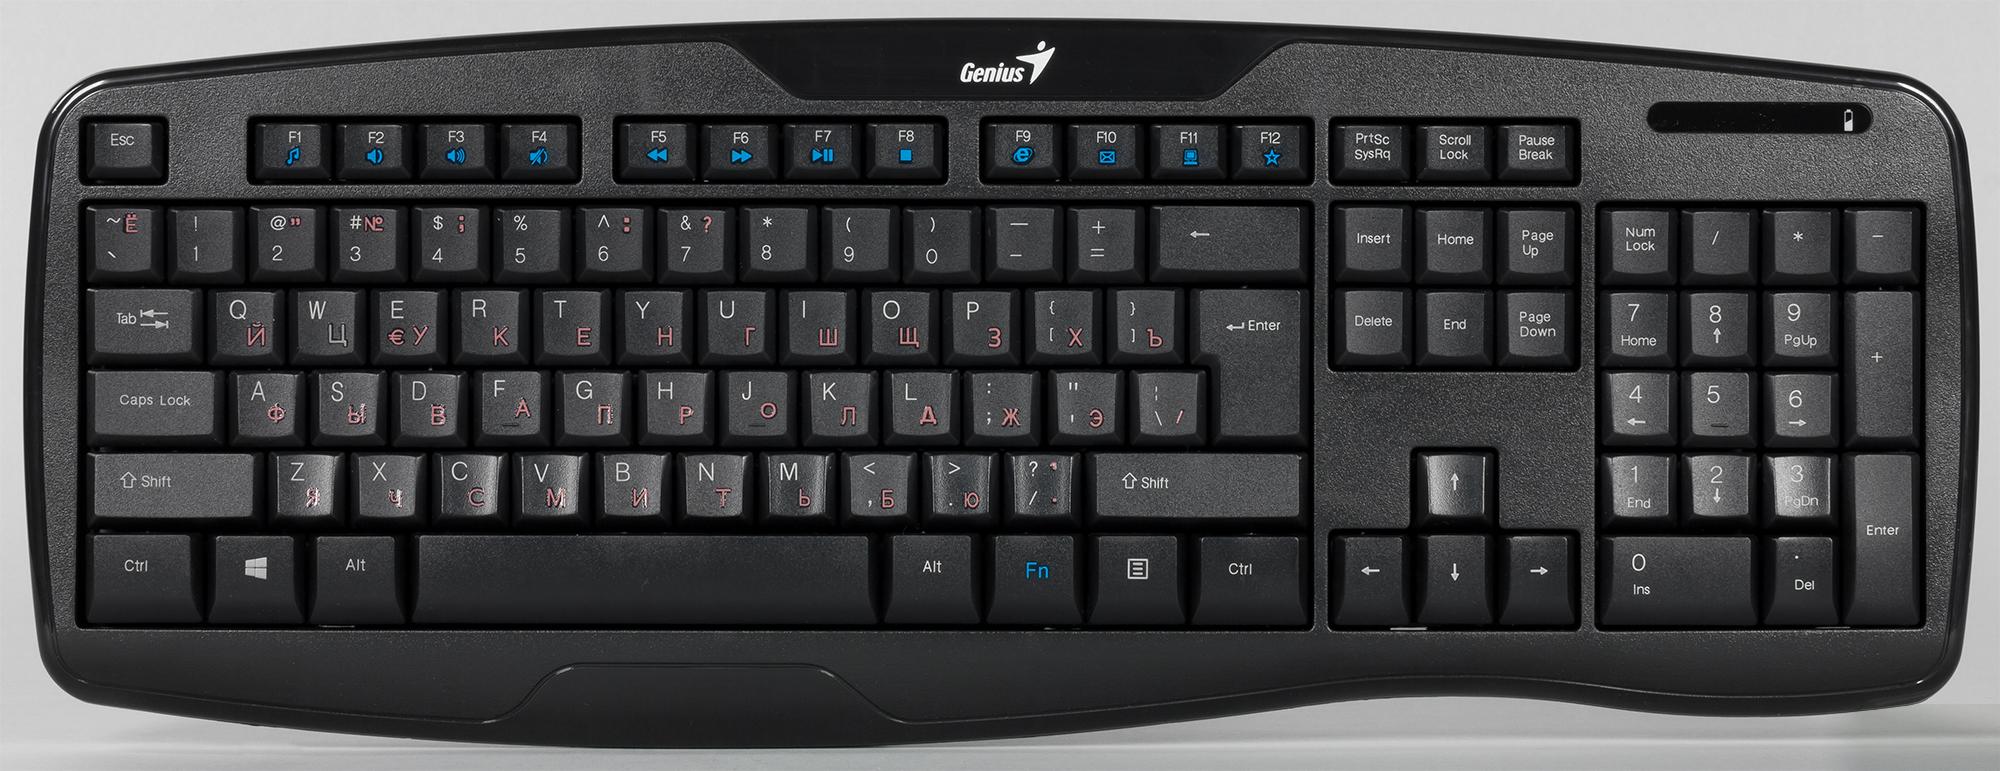 Драйвер для мыши с клавиатурой